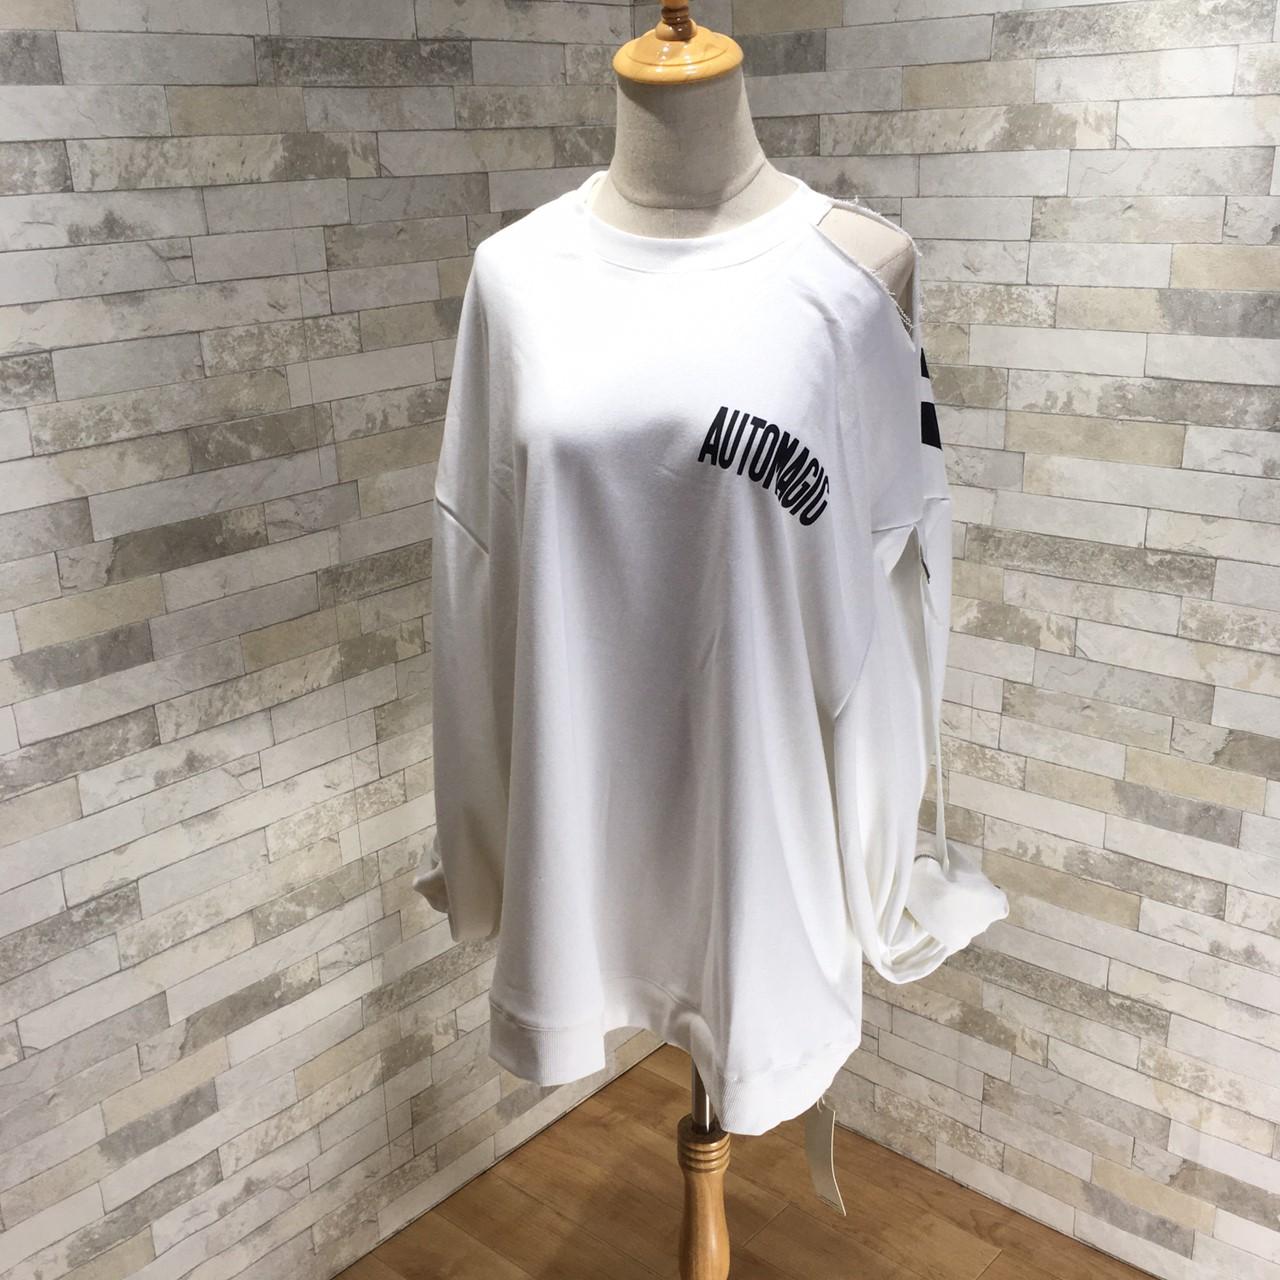 韓国 ファッション トップス スウェット トレーナー 秋 冬 カジュアル PTXG315  ビッグシルエット ダメージ ストリート オルチャン シンプル 定番 セレカジの写真18枚目